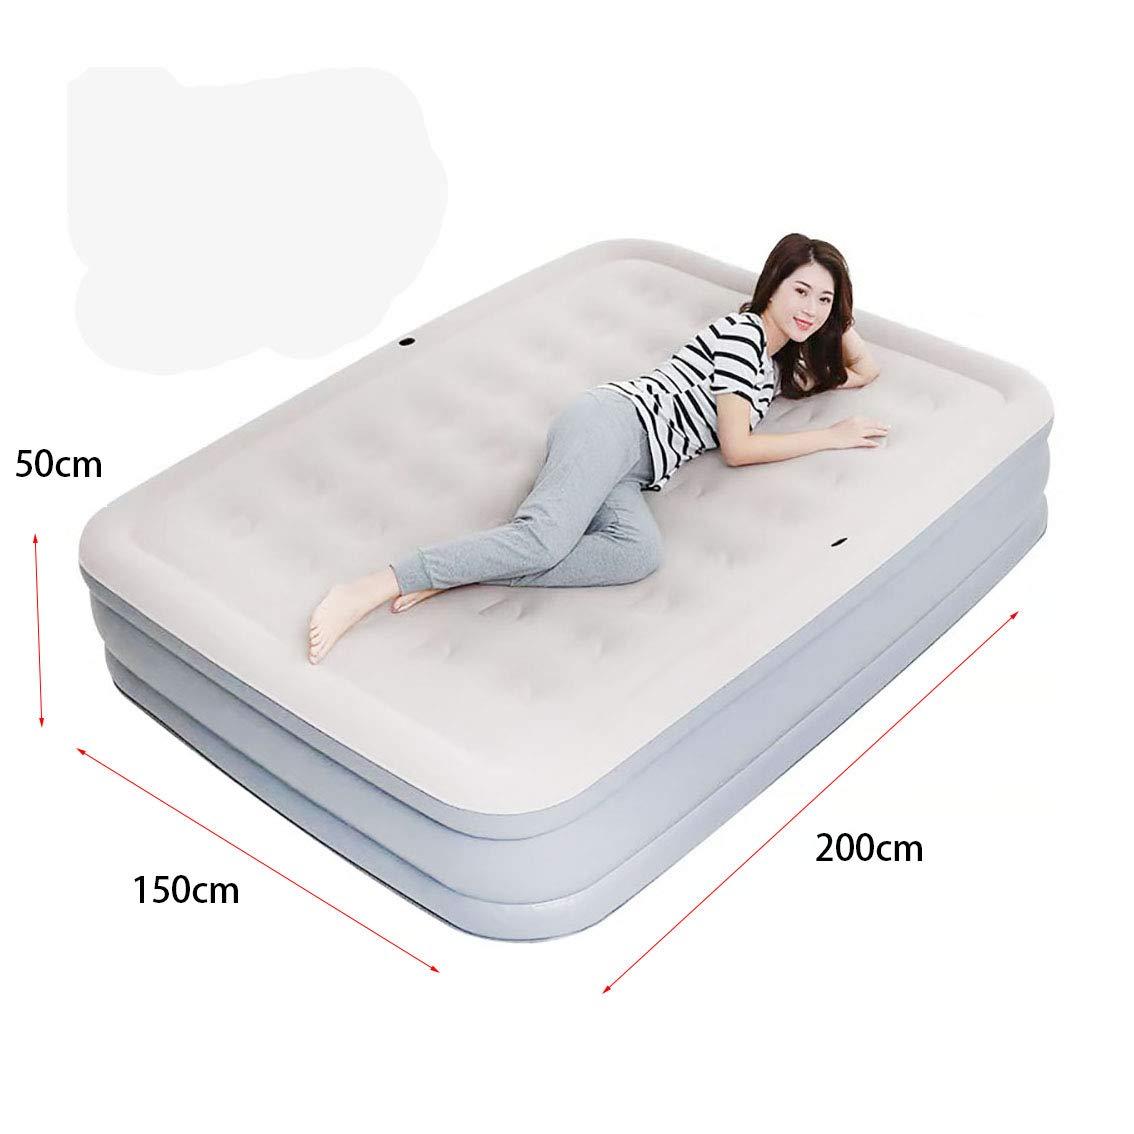 Colchón Inflable de colchón de Aire Cama King Size Cama de Aire ...